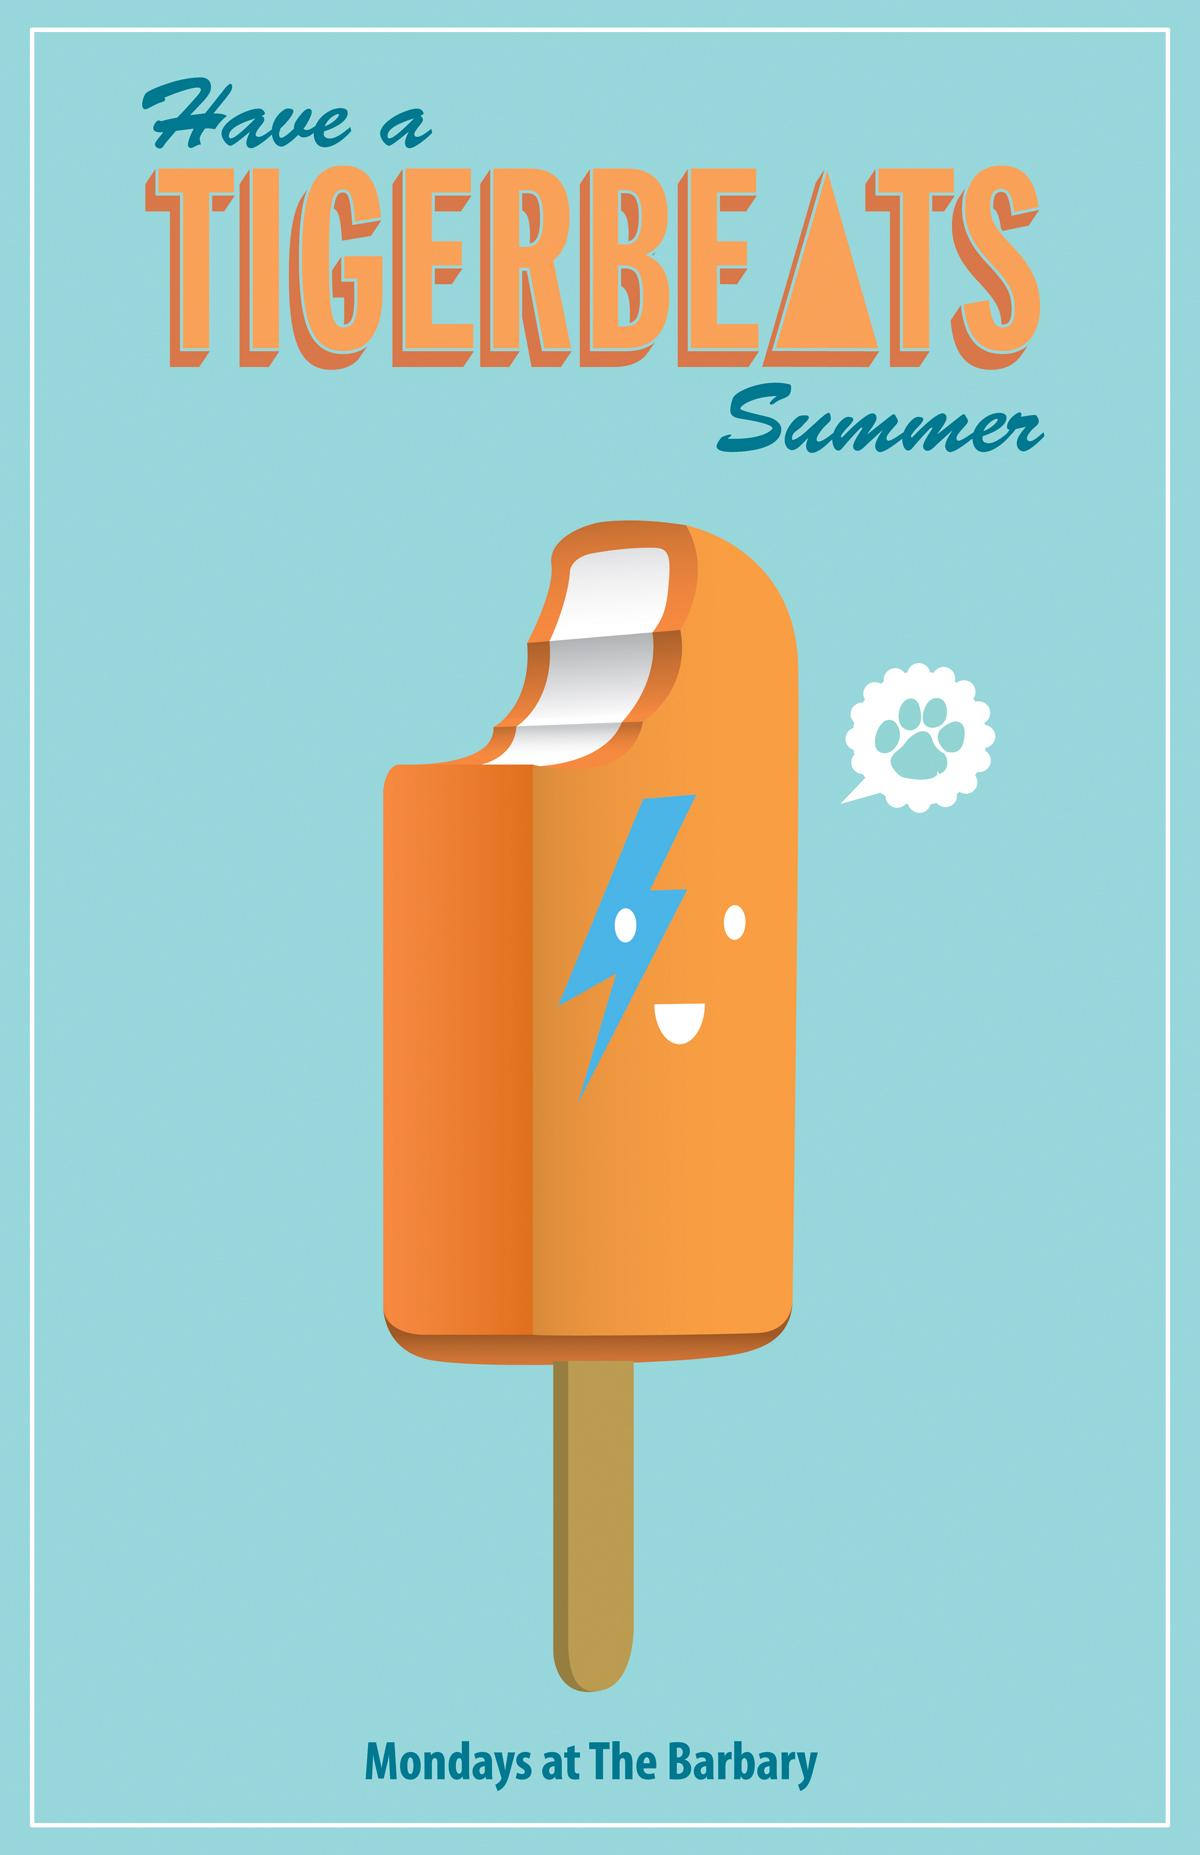 tigersummer_poster-popsicle.jpg